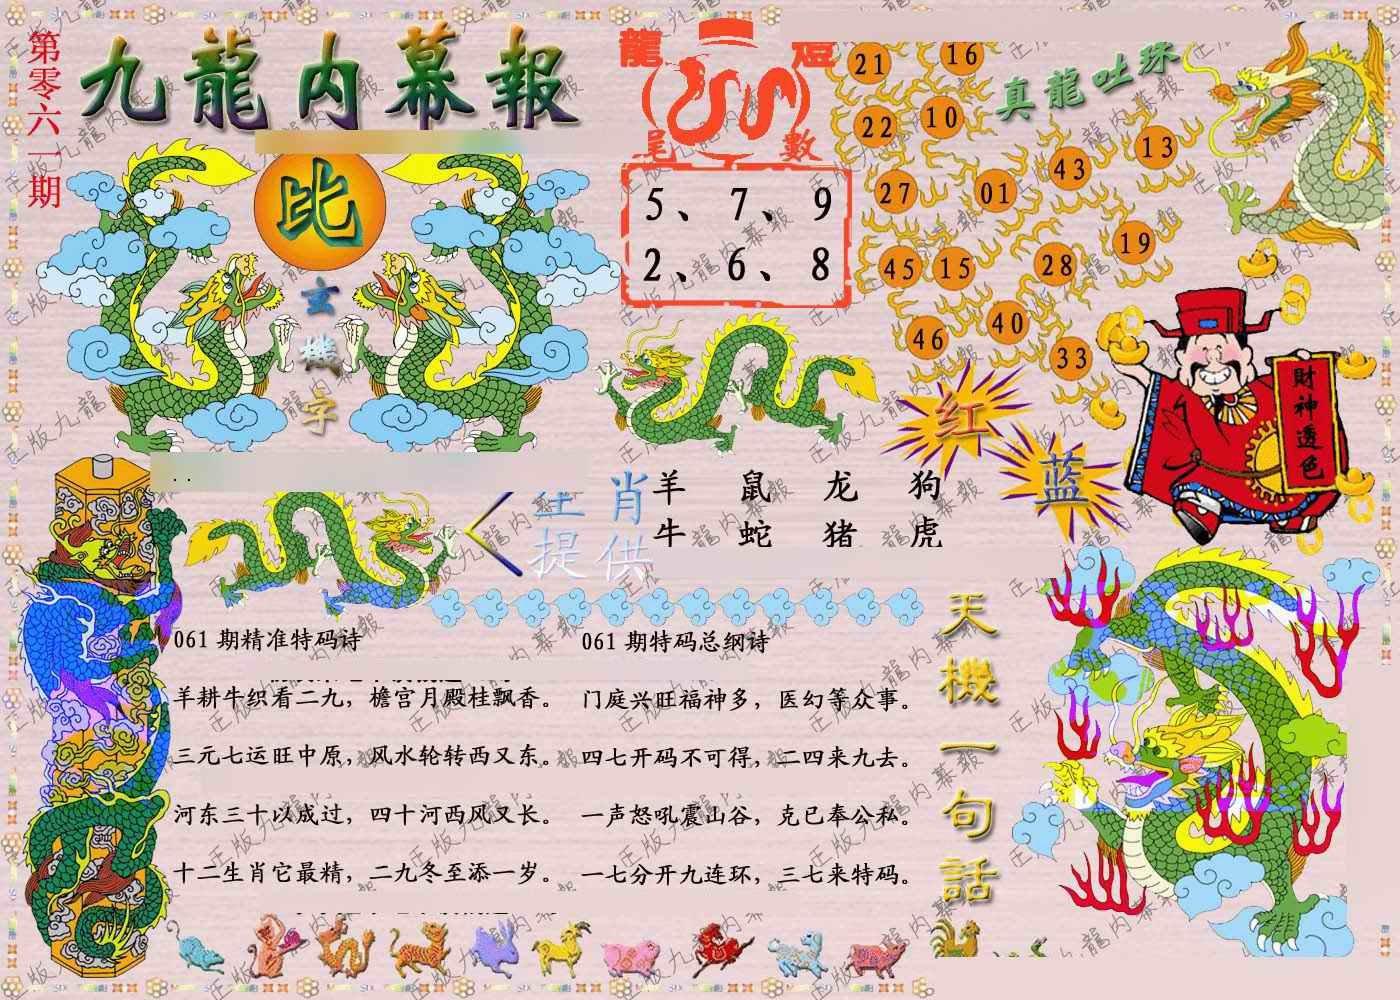 061期正版九龙内幕报